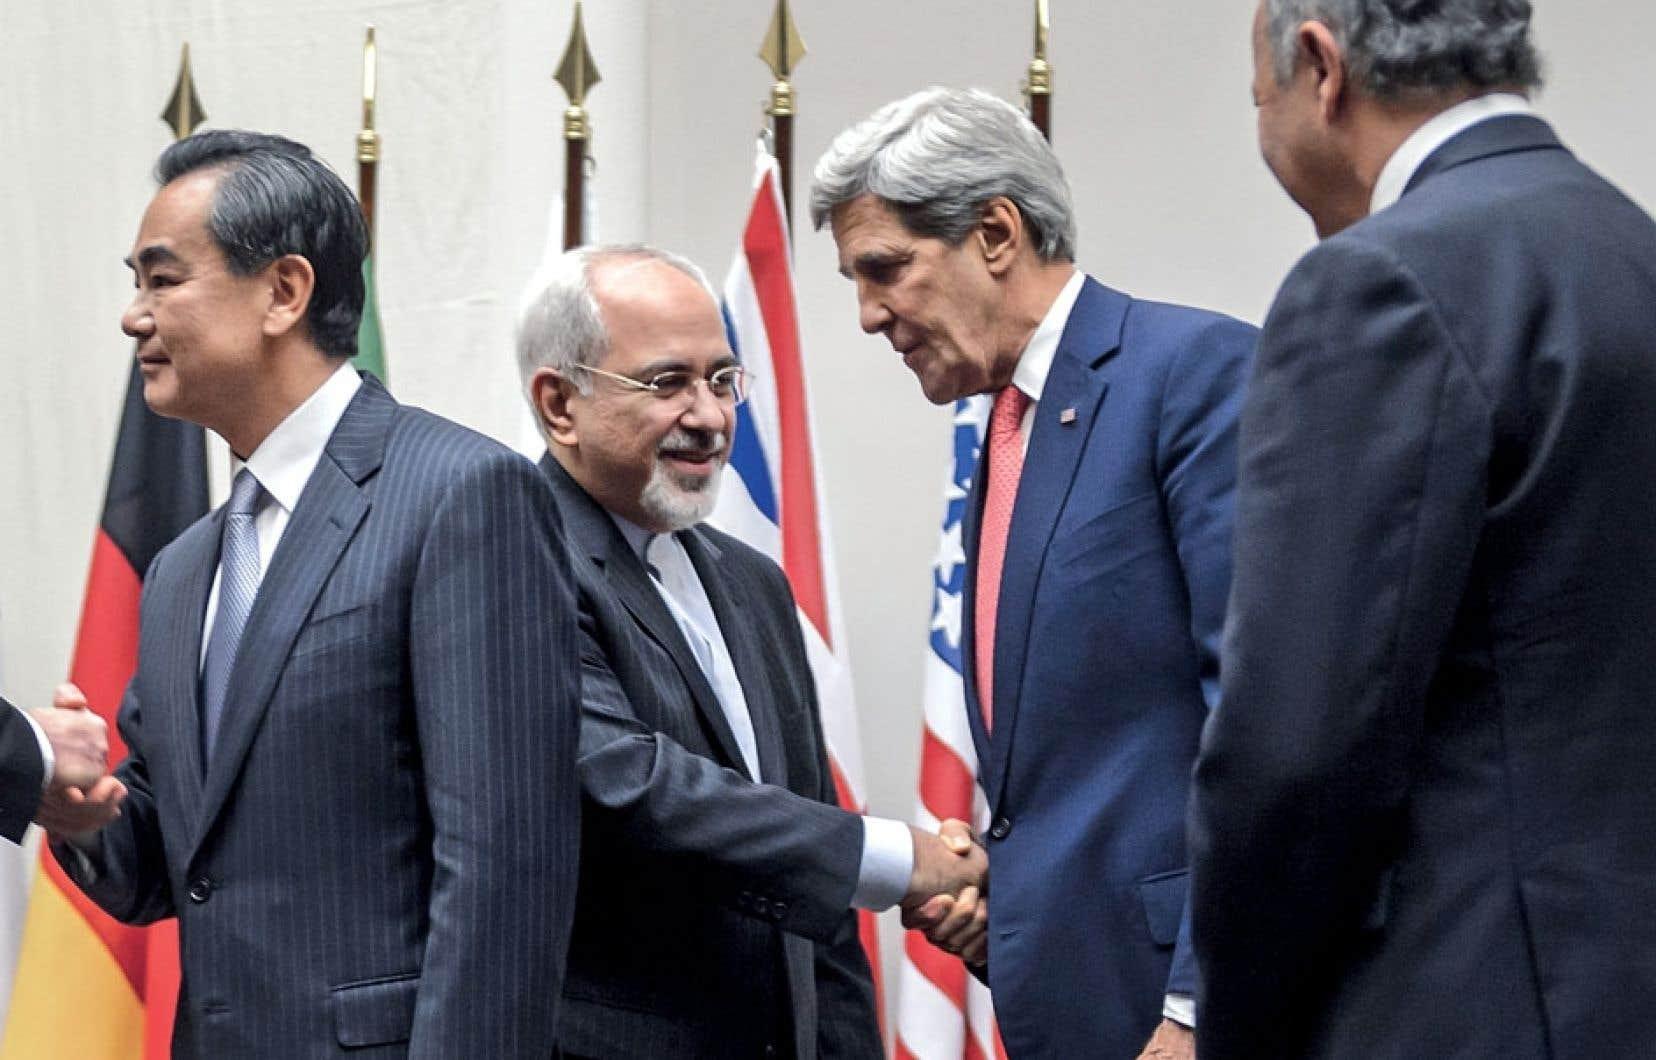 Le secrétaire d'État américain, John Kerry, serre la main du ministre iranien des Affaires étrangères, Mohammad Javad Zarif, en présence des ministres chinois et français des Affaires étrangères, Wang Yi et Laurent Fabius, dimanche à Genève, après la conclusion d'un accord intermédiaire sur la question nucléaire iranienne.